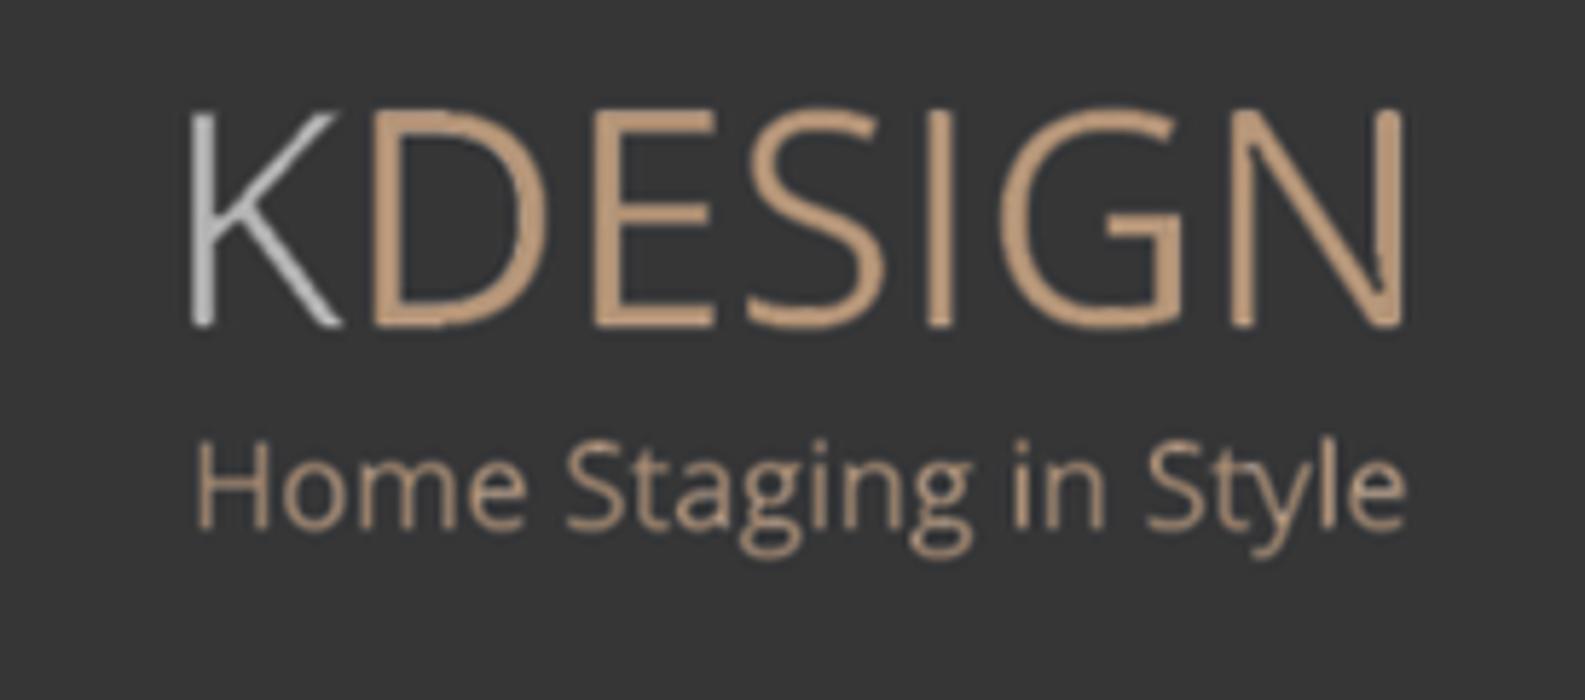 Kdesign - Fort Lauderdale, FL